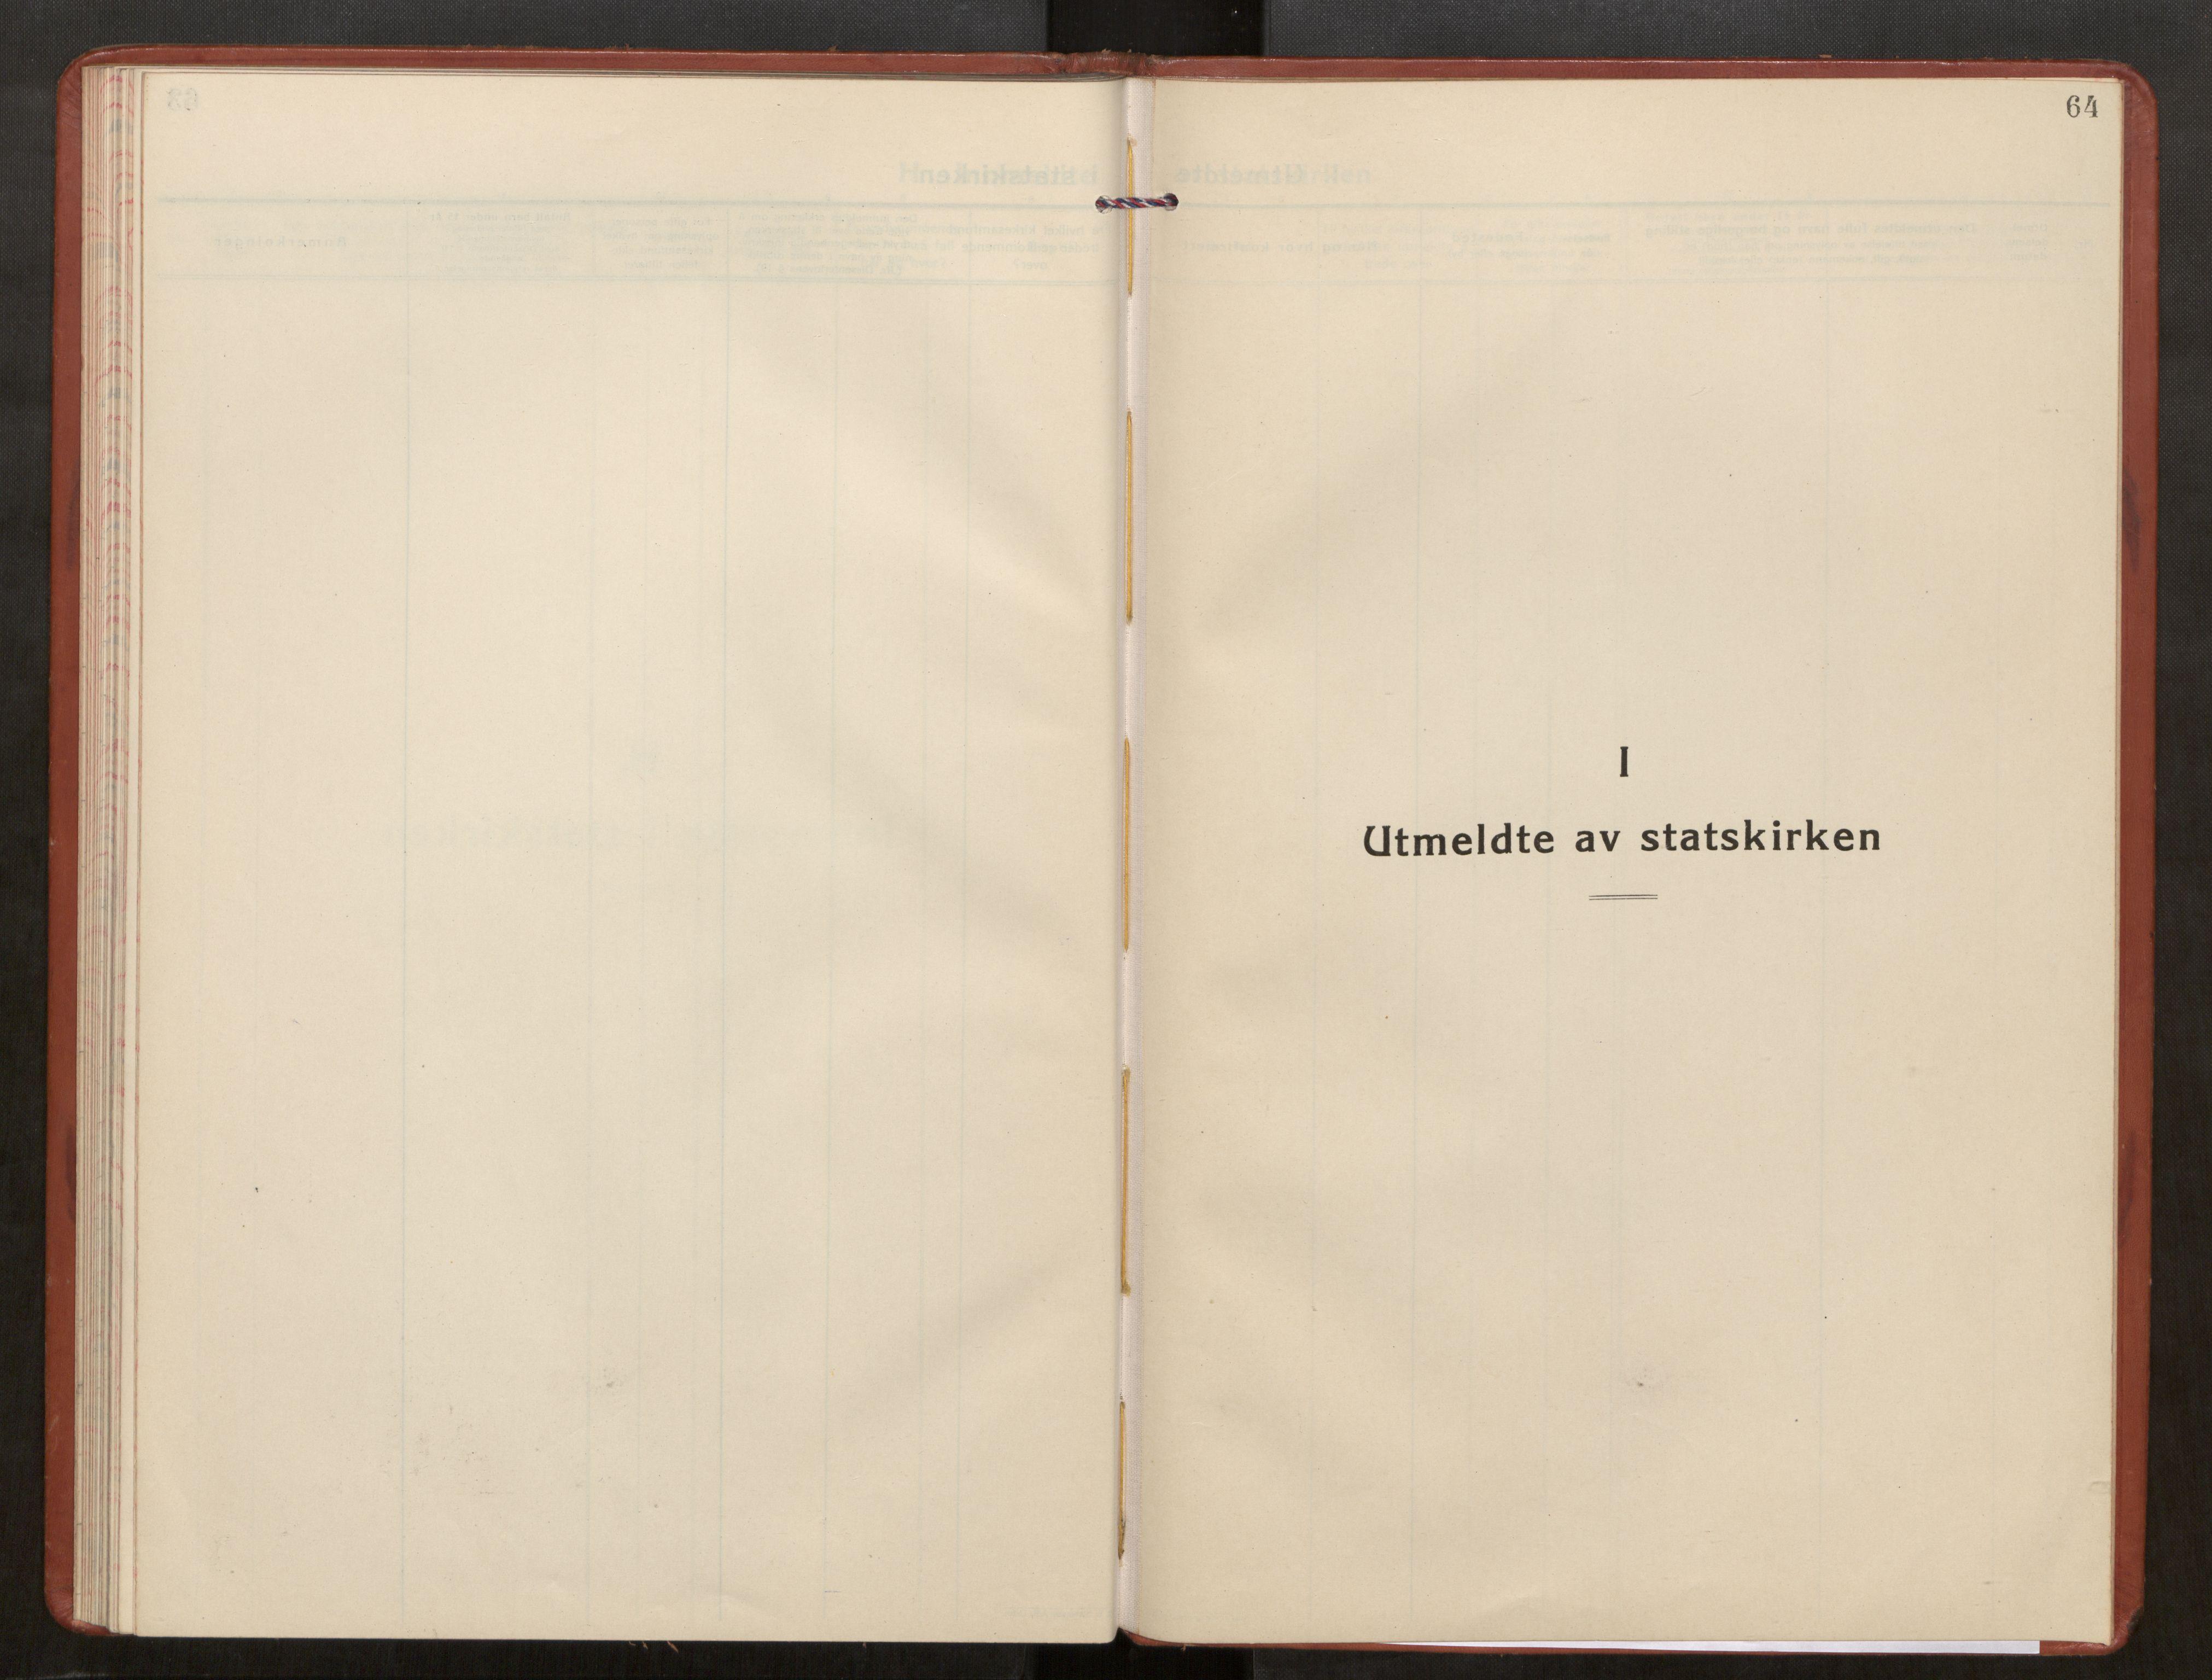 SAT, Kolvereid sokneprestkontor, H/Ha/Haa/L0003: Parish register (official) no. 3, 1927-1935, p. 64